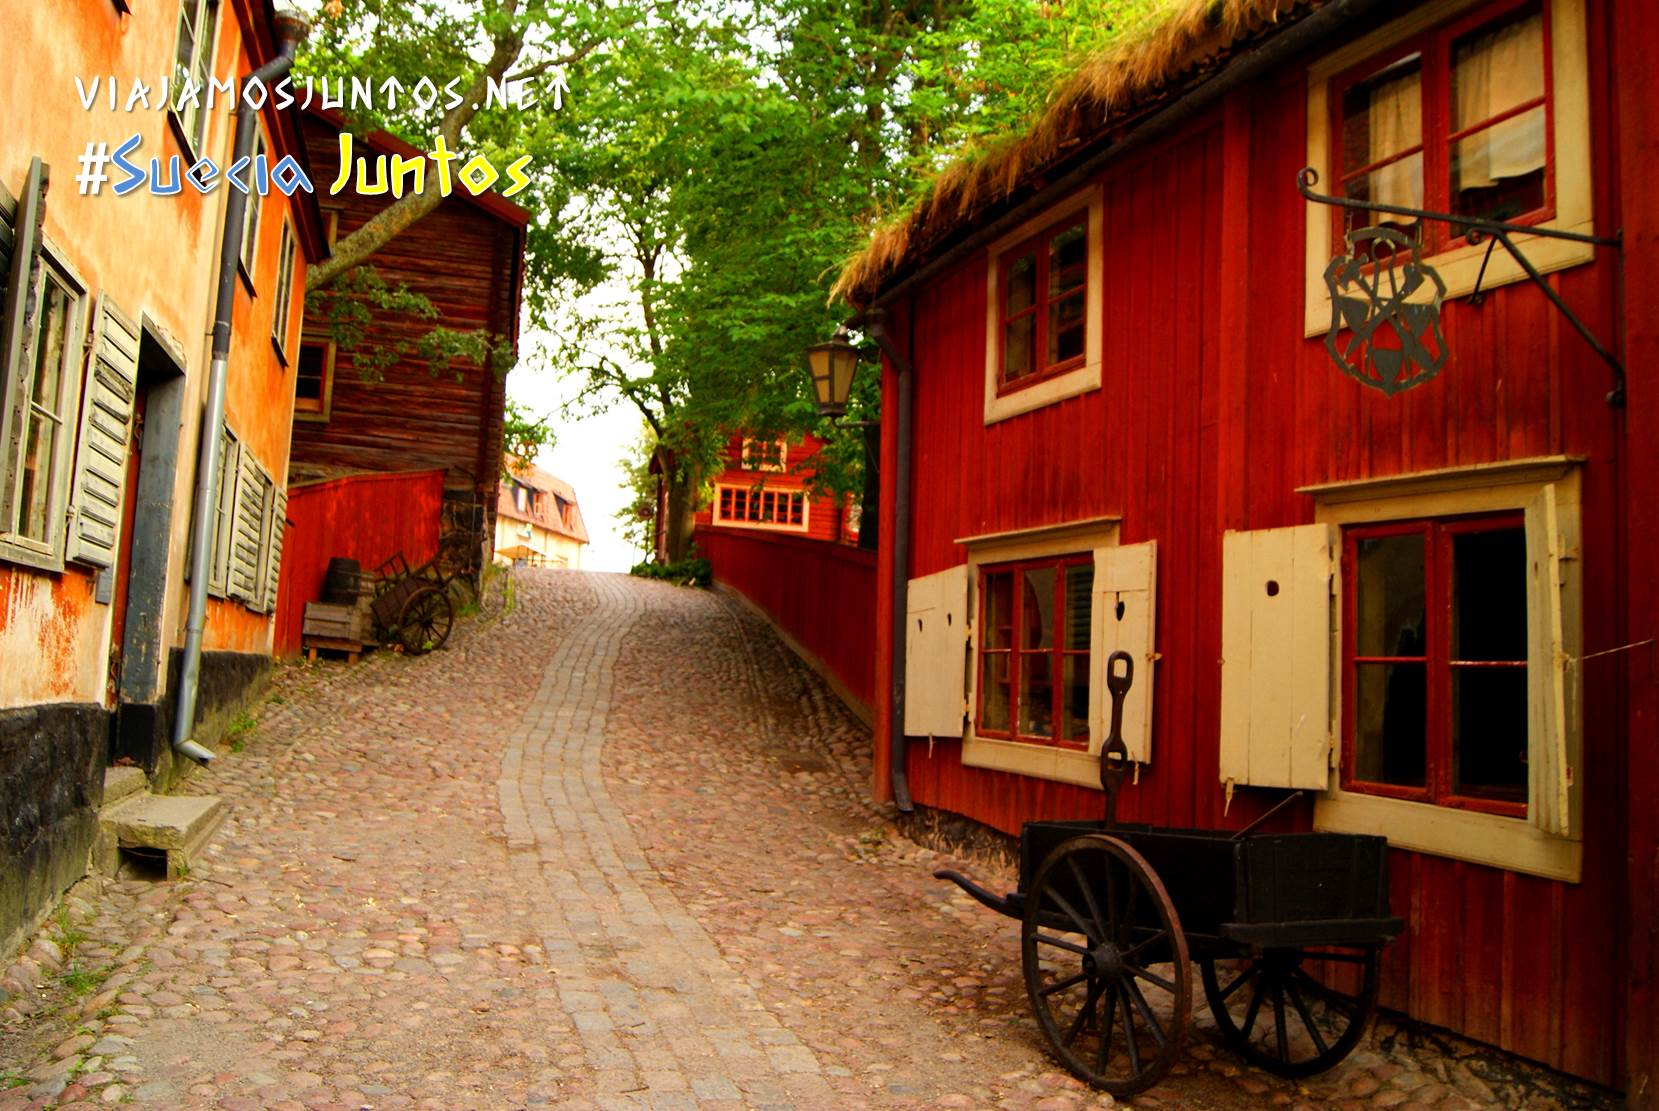 Calle con edificios rojos en Skansen, Estocolmo, Suecia